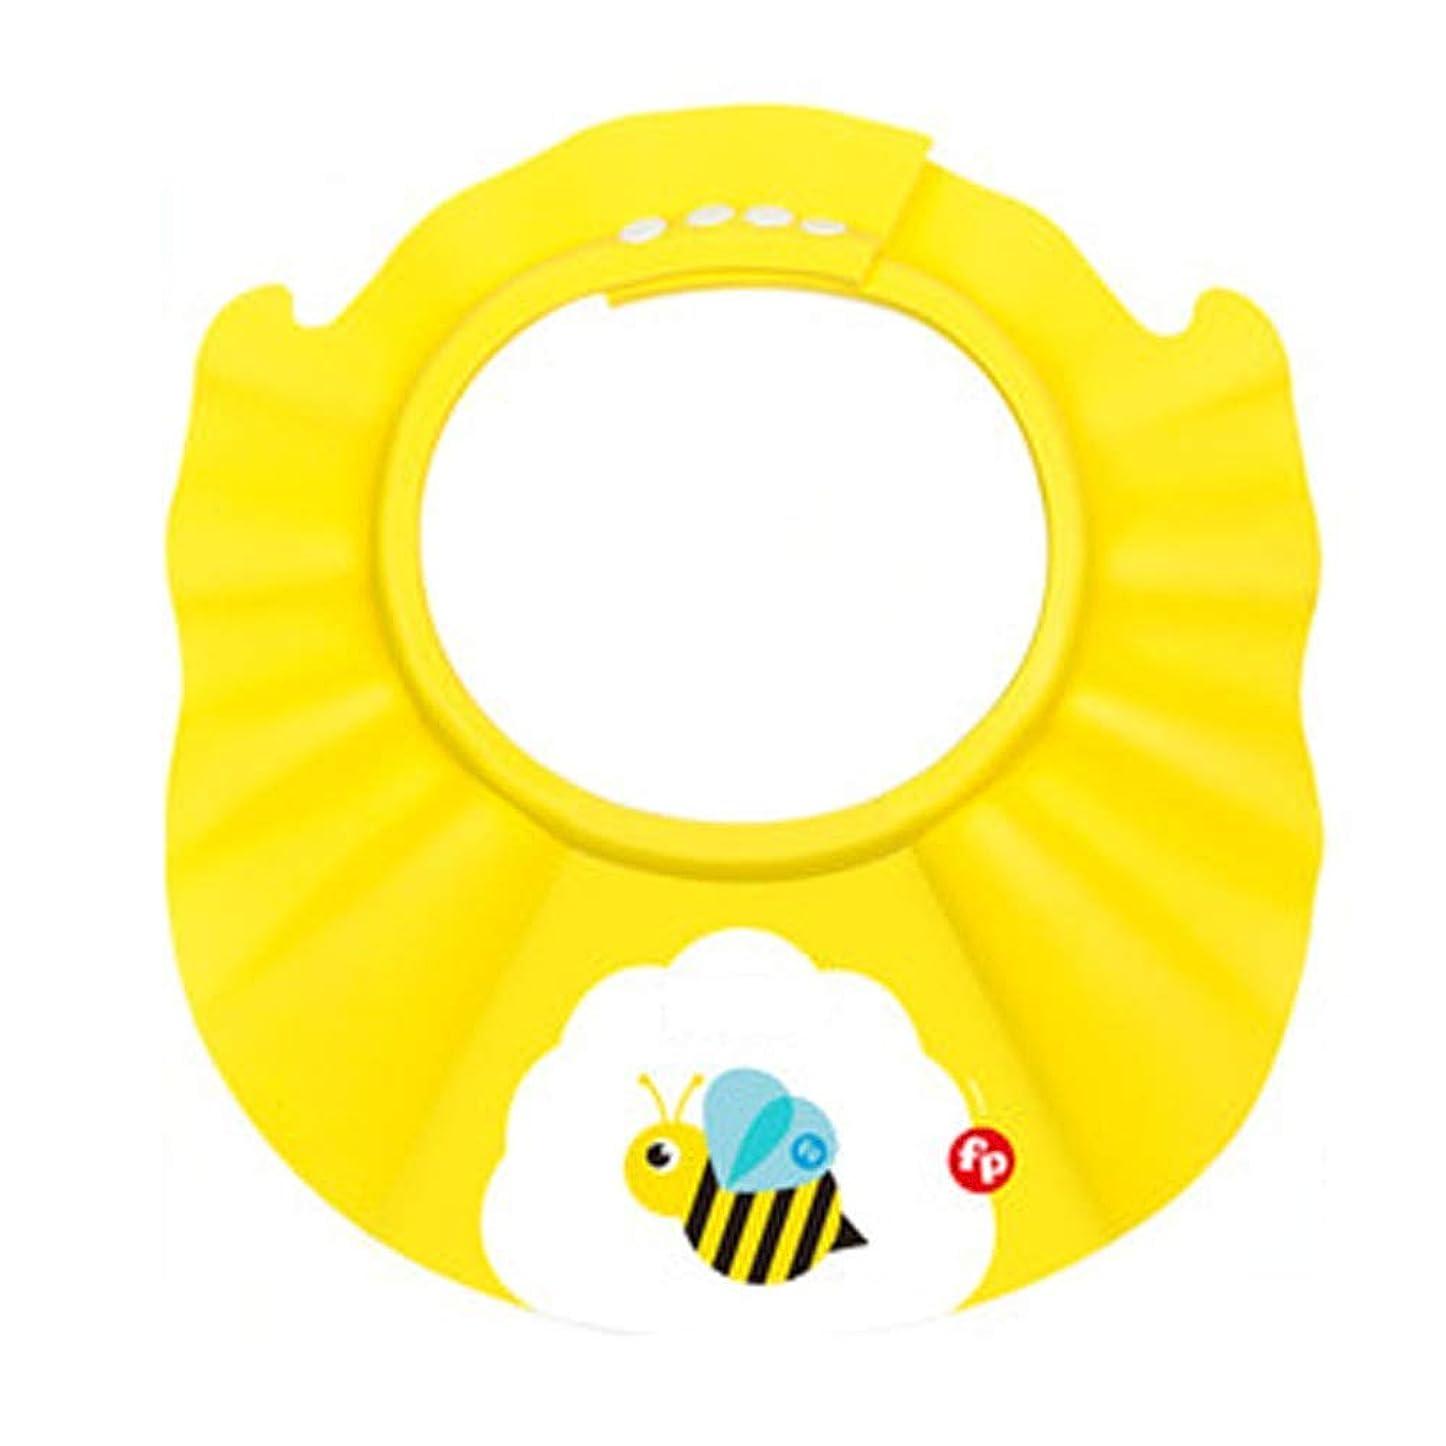 返還通信網八Zhenxinshiyi カラーベビーウォッシュヘアアーティファクト防水耳プロテクターベビーチャイルドシャワーキャップ子供風呂シャンプーキャップ調整可能ソフトライト増加肥厚10ファイル調整可能 (Color : Yellow)